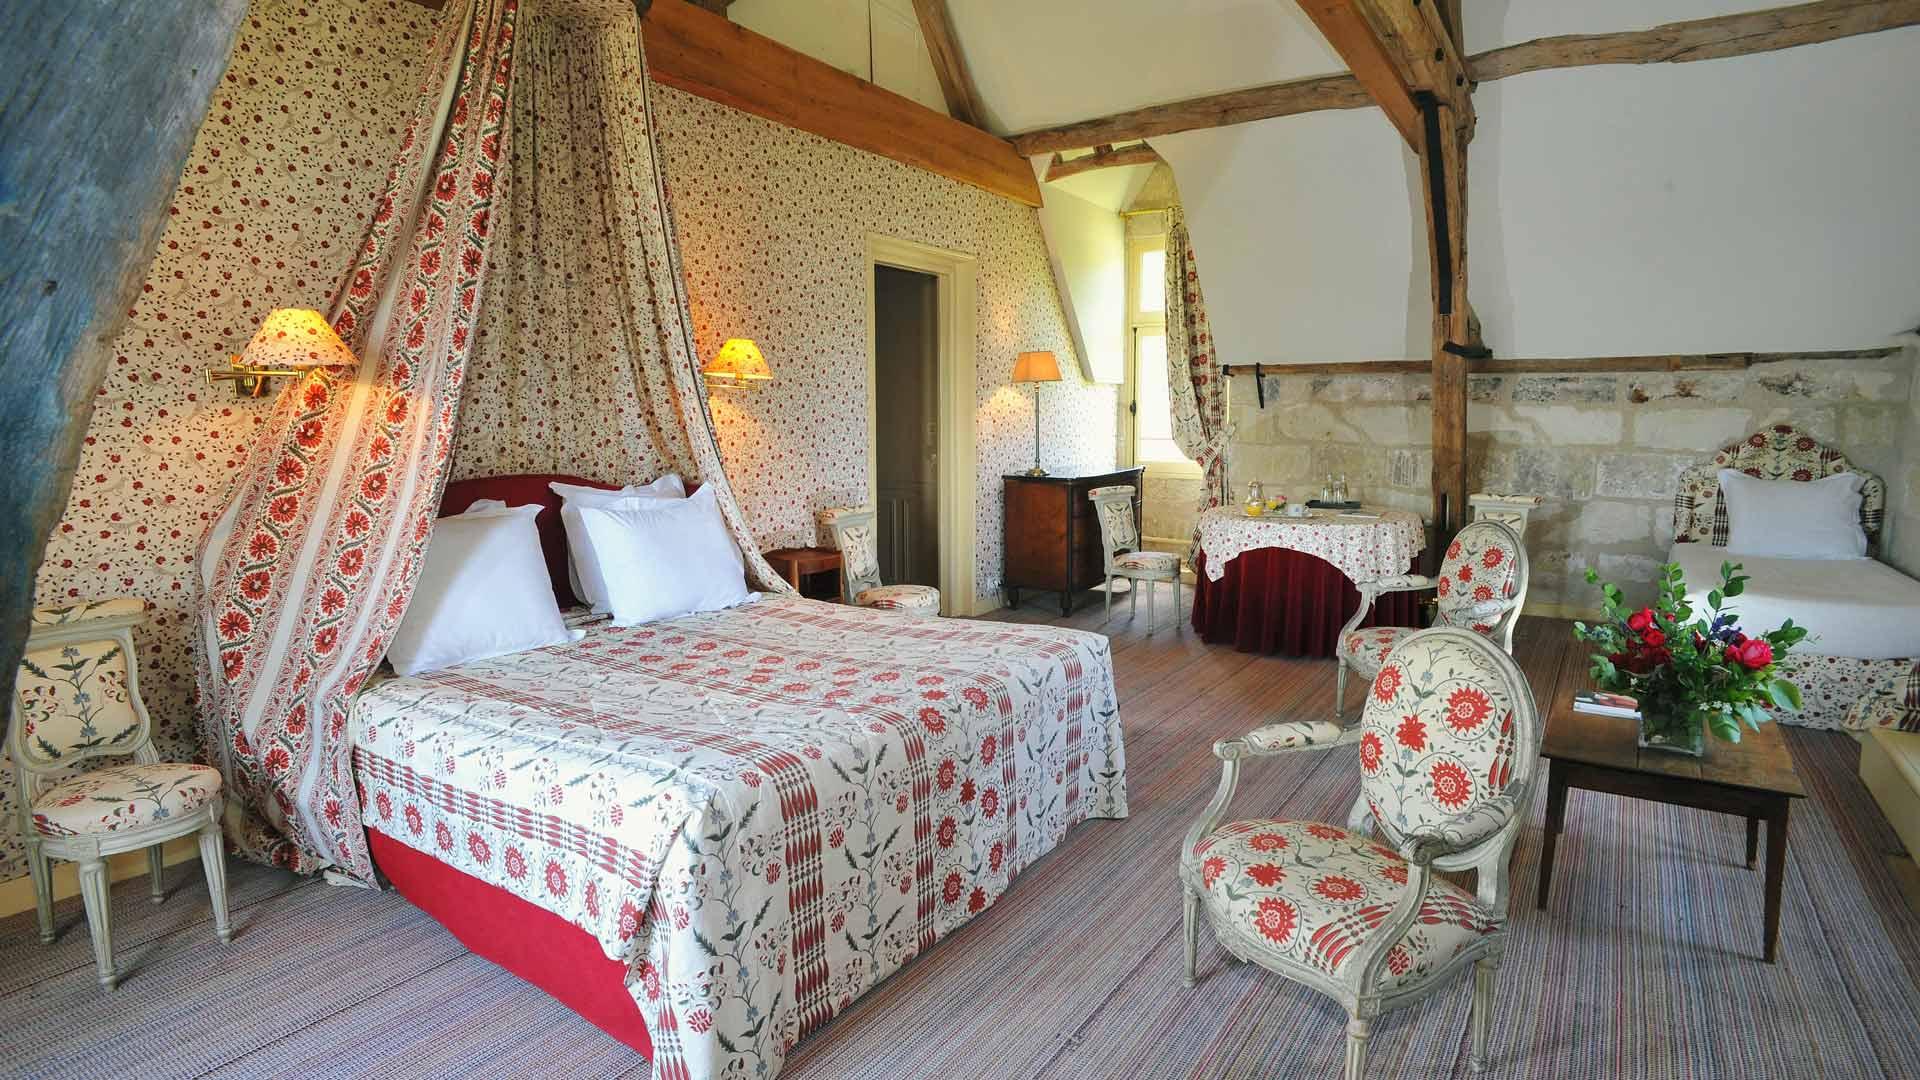 La Bourdaisière hotel - Sleeping in a garden